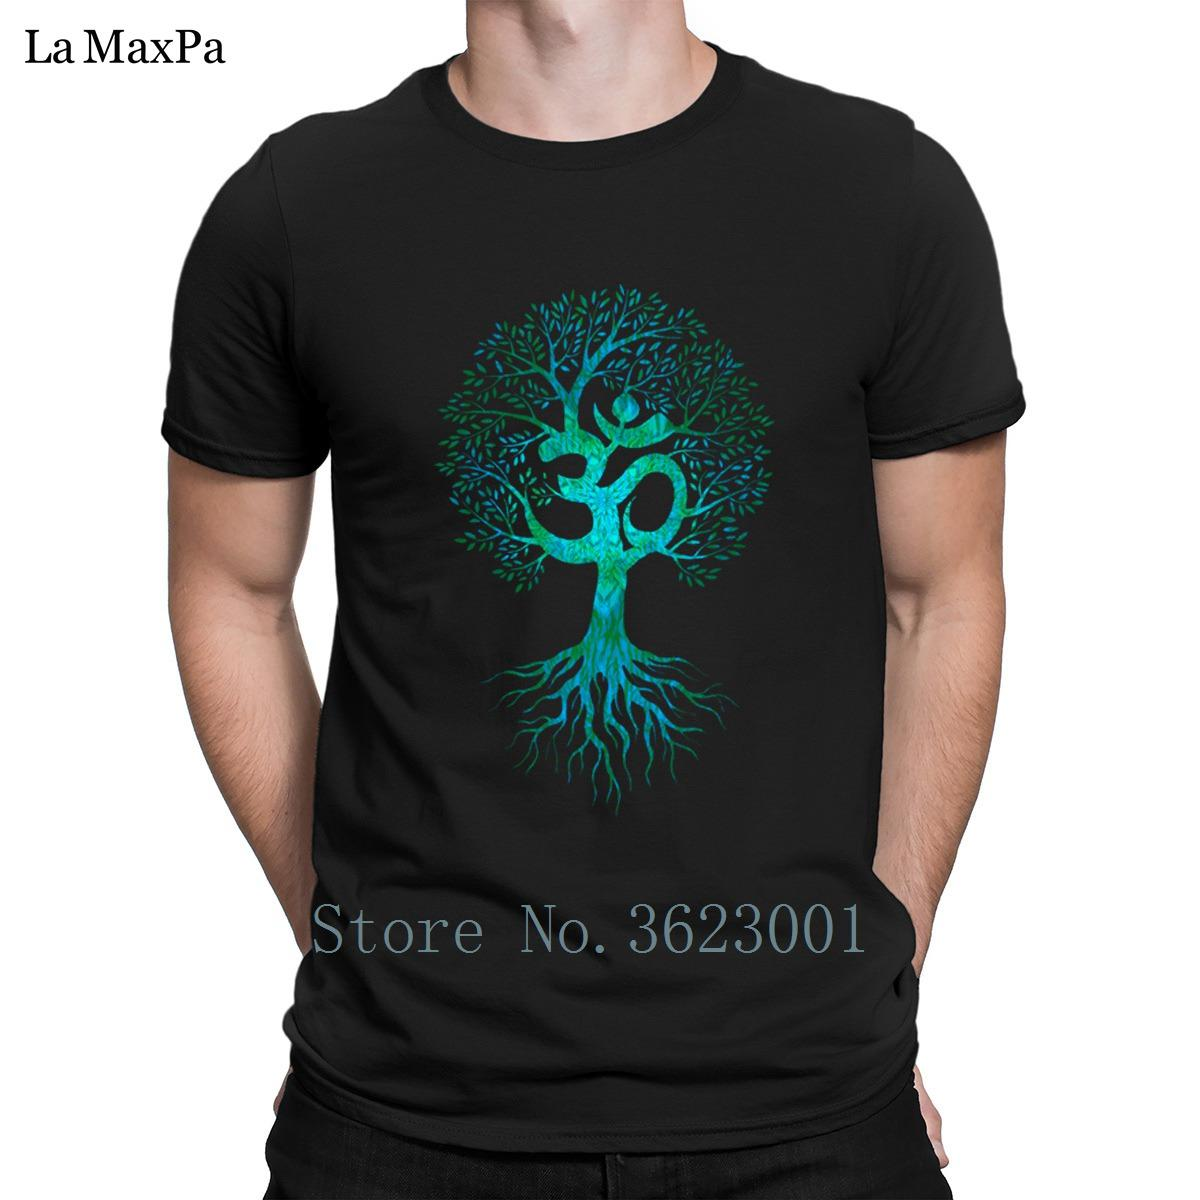 Criatura fresco camiseta Costume Om Tree Of Men Vida T-shirt Melhor inteligente Homens T-shirt Tamanho S-3xl camiseta Hip Hop